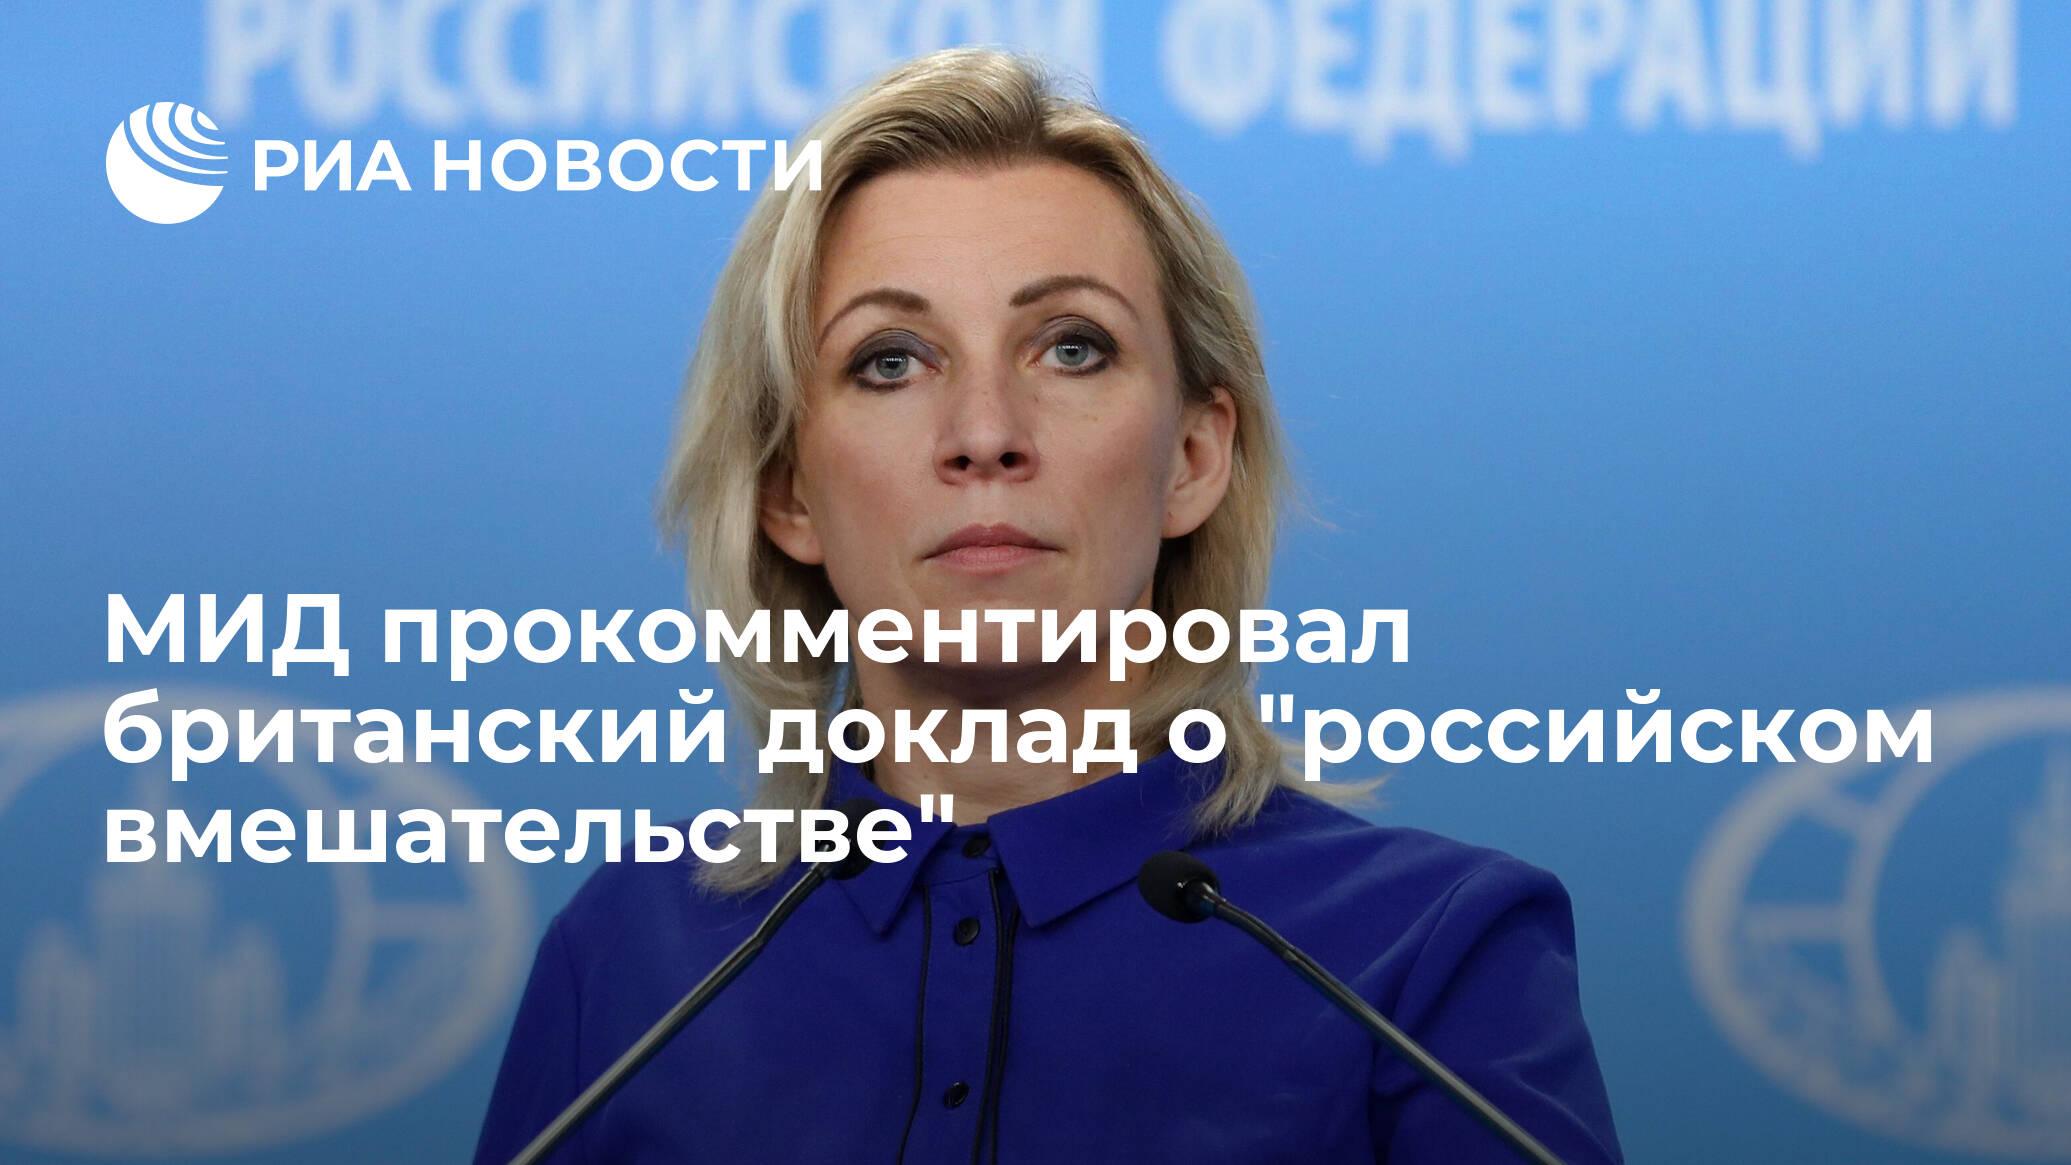 МИД прокомментировал британский доклад о «российском вмешательстве»